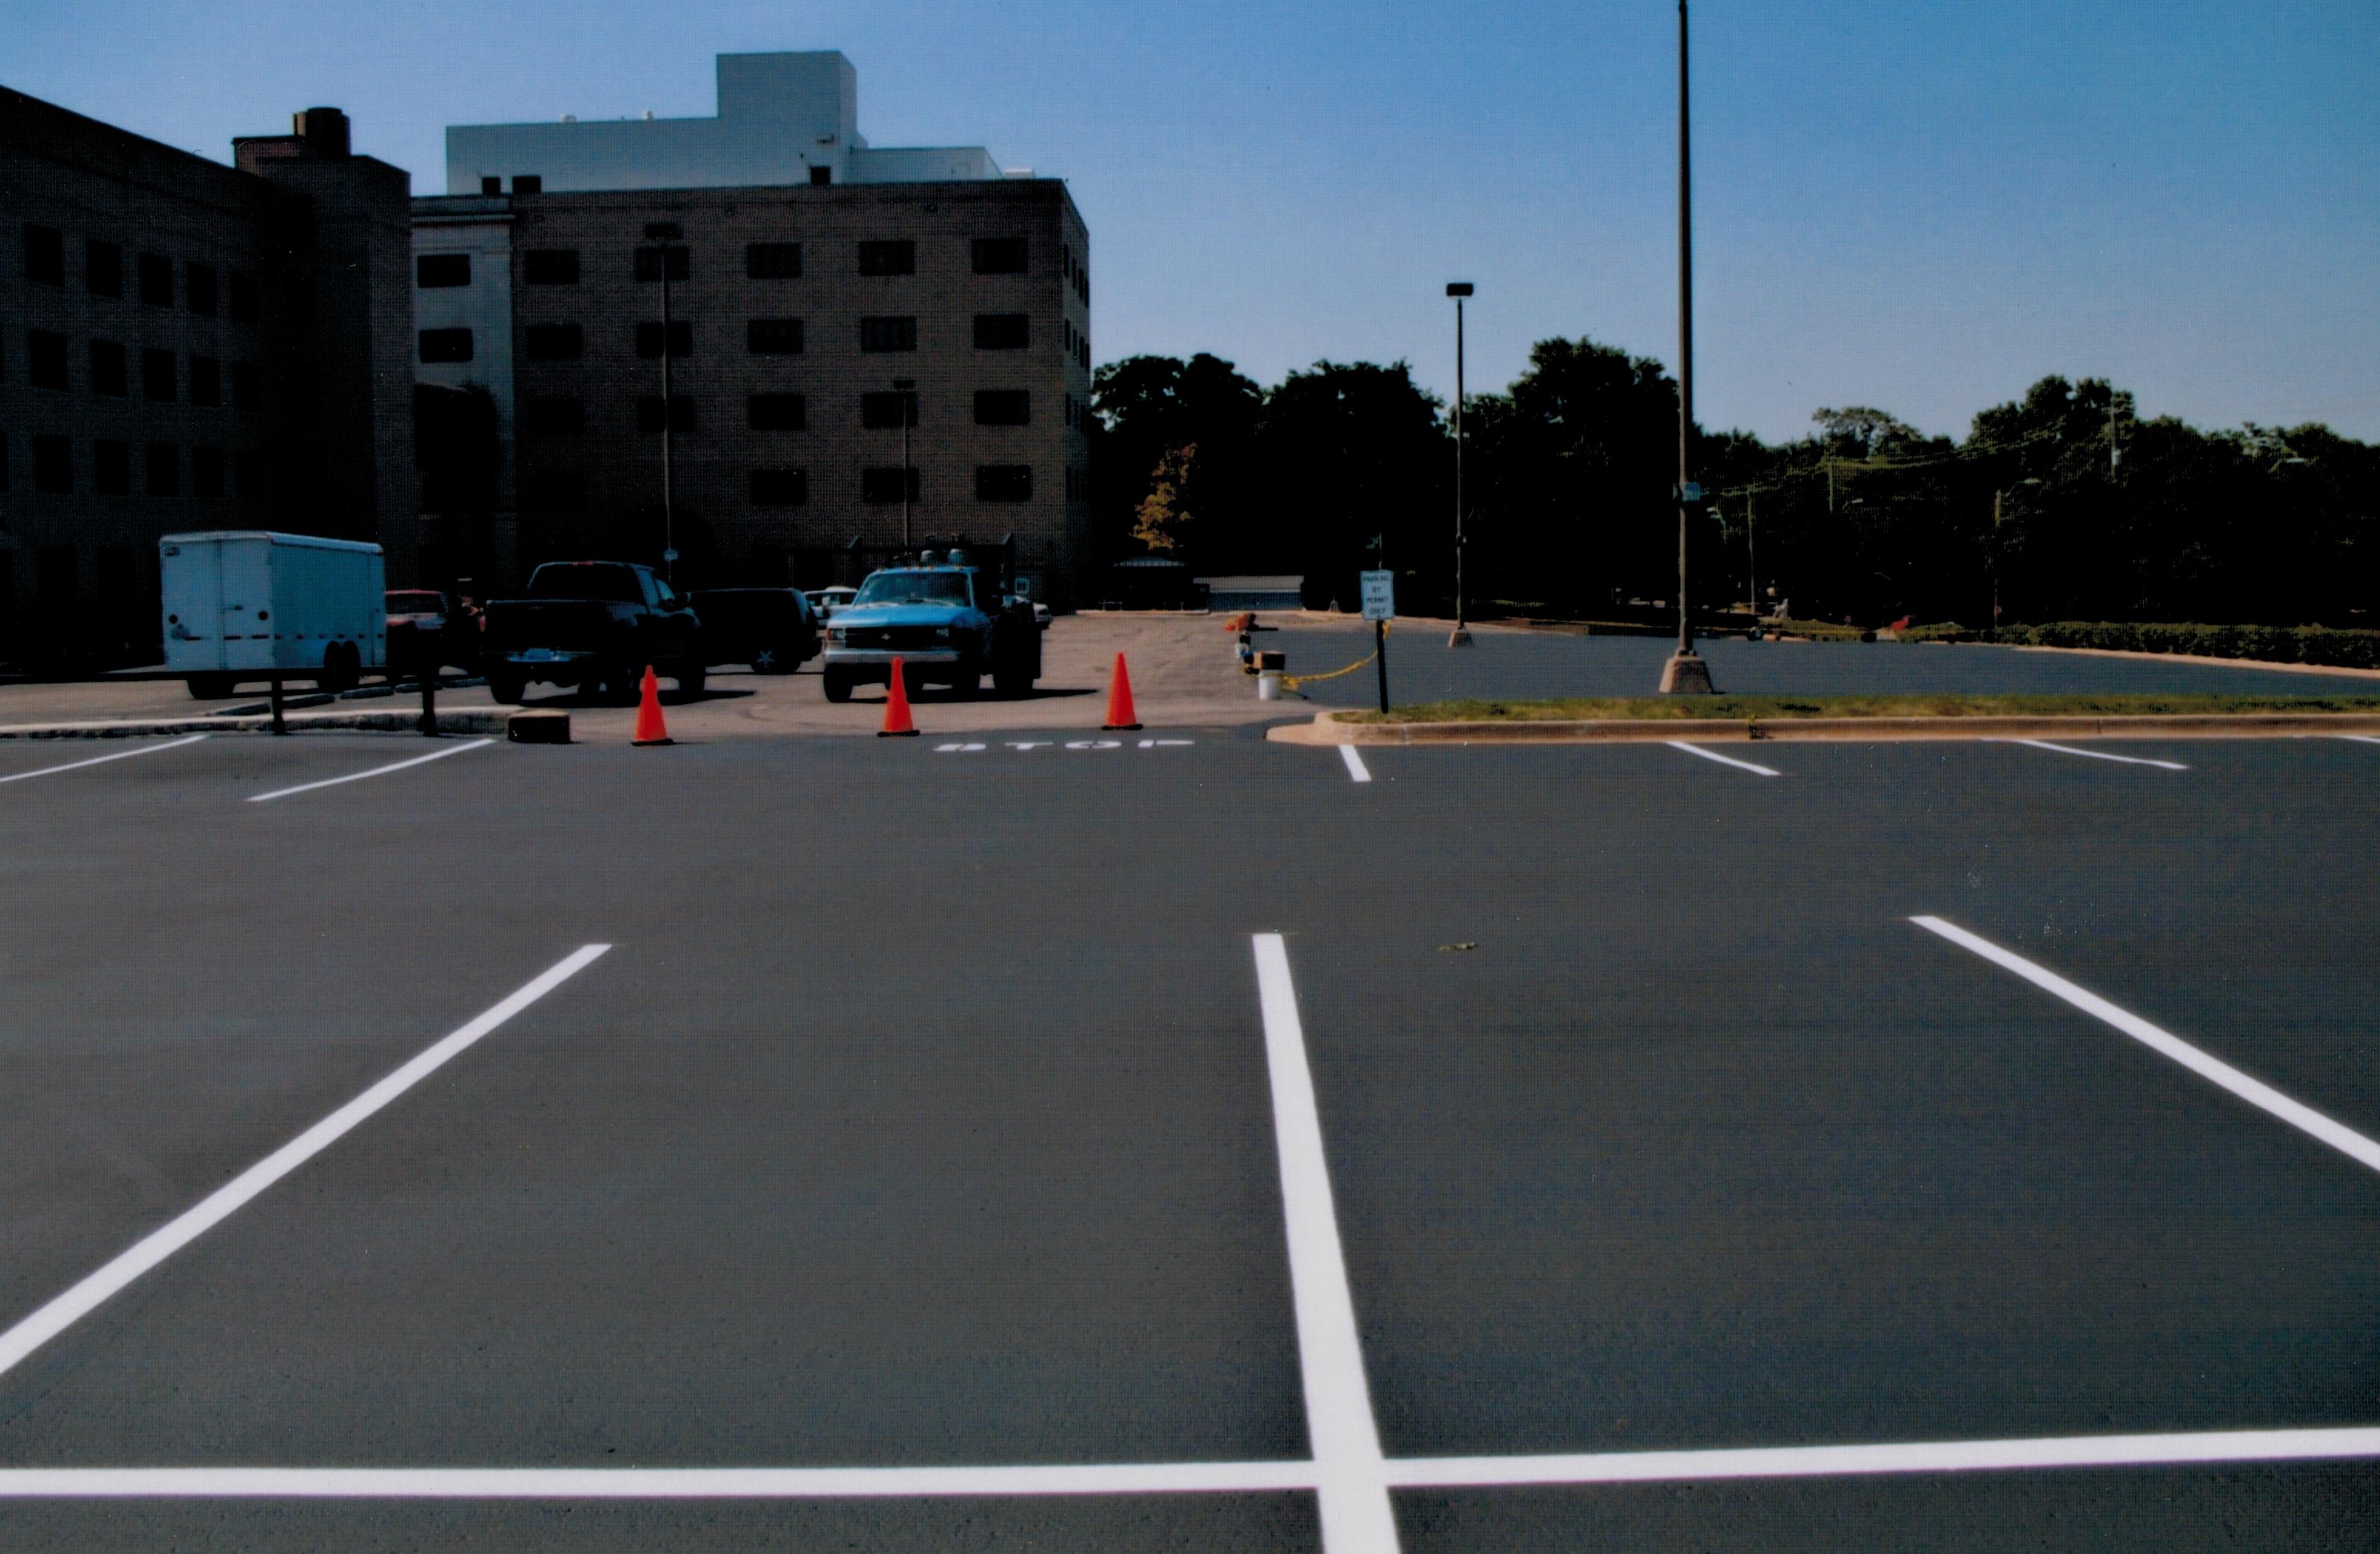 parking-lot01232012_0000